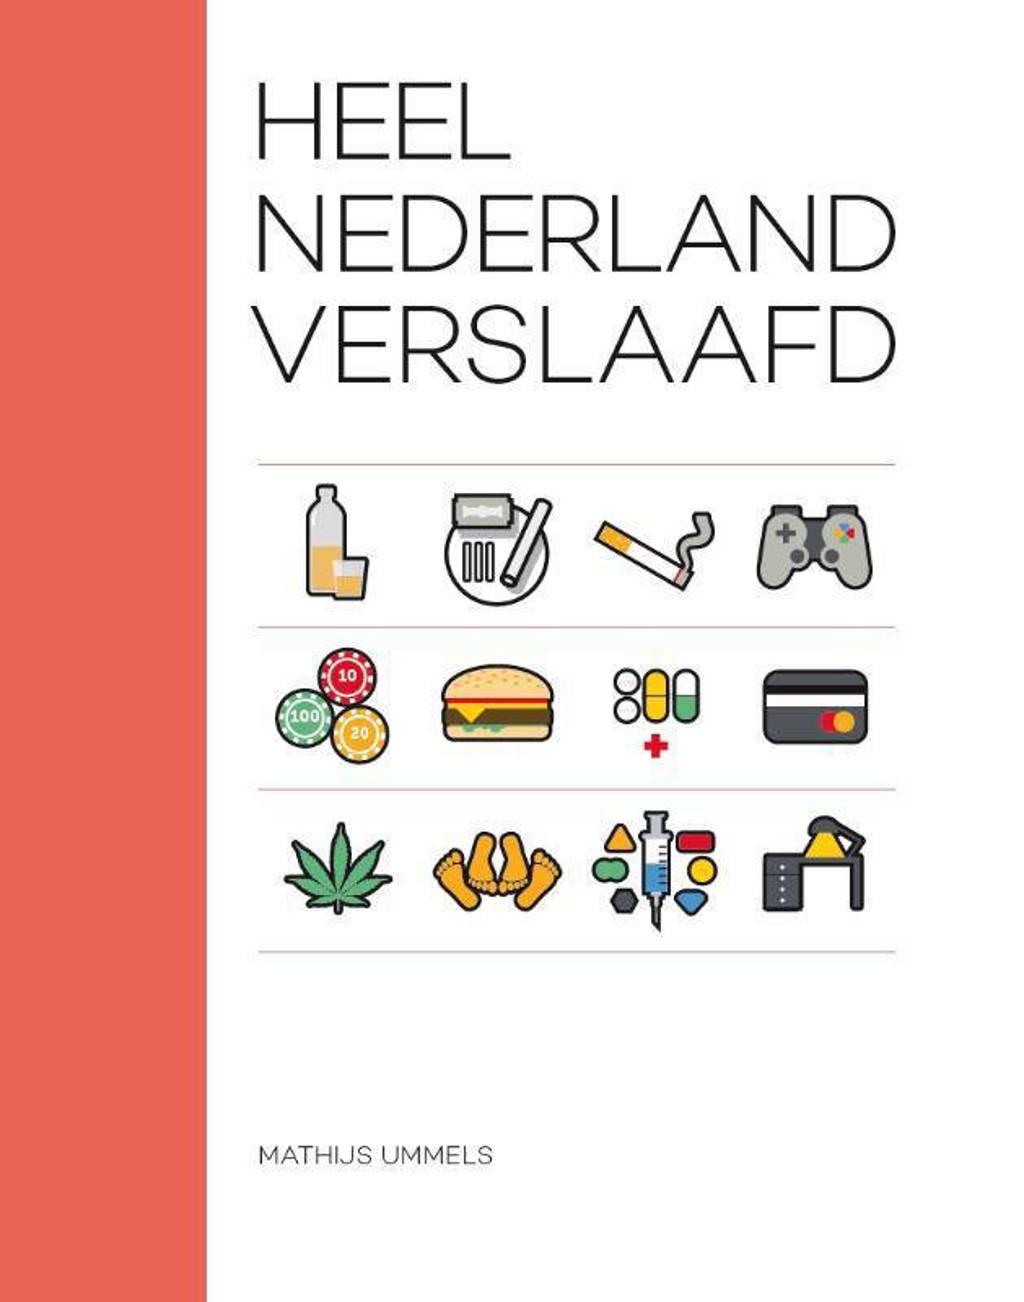 Heel Nederland verslaafd - Mathijs Ummels